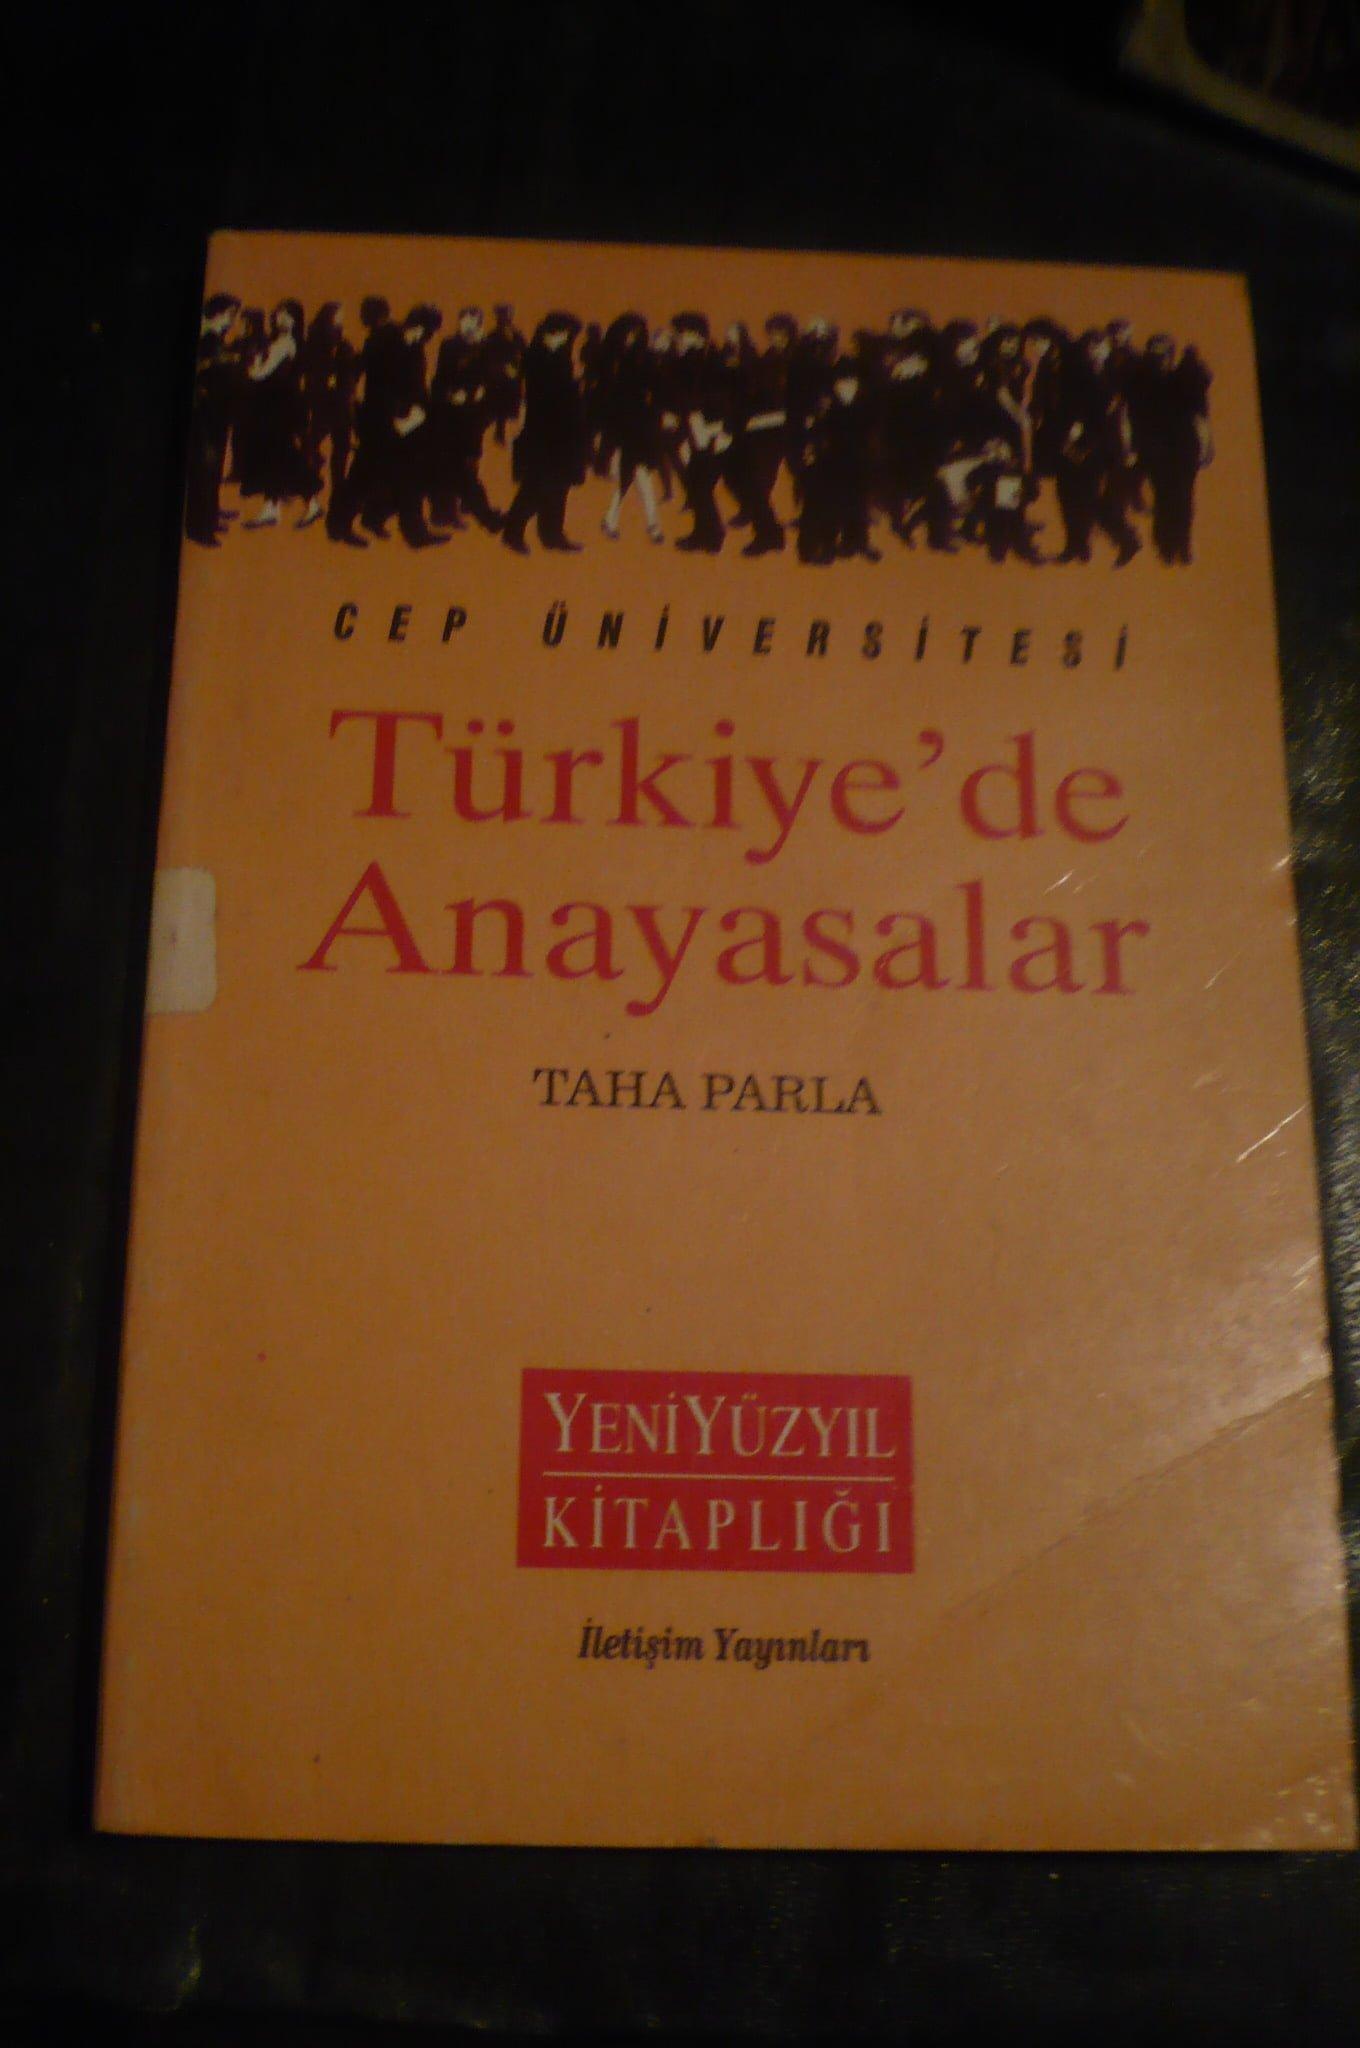 TÜRKİYE'DE ANAYASALAR/Taha Parla/Cep üniv/10 tl